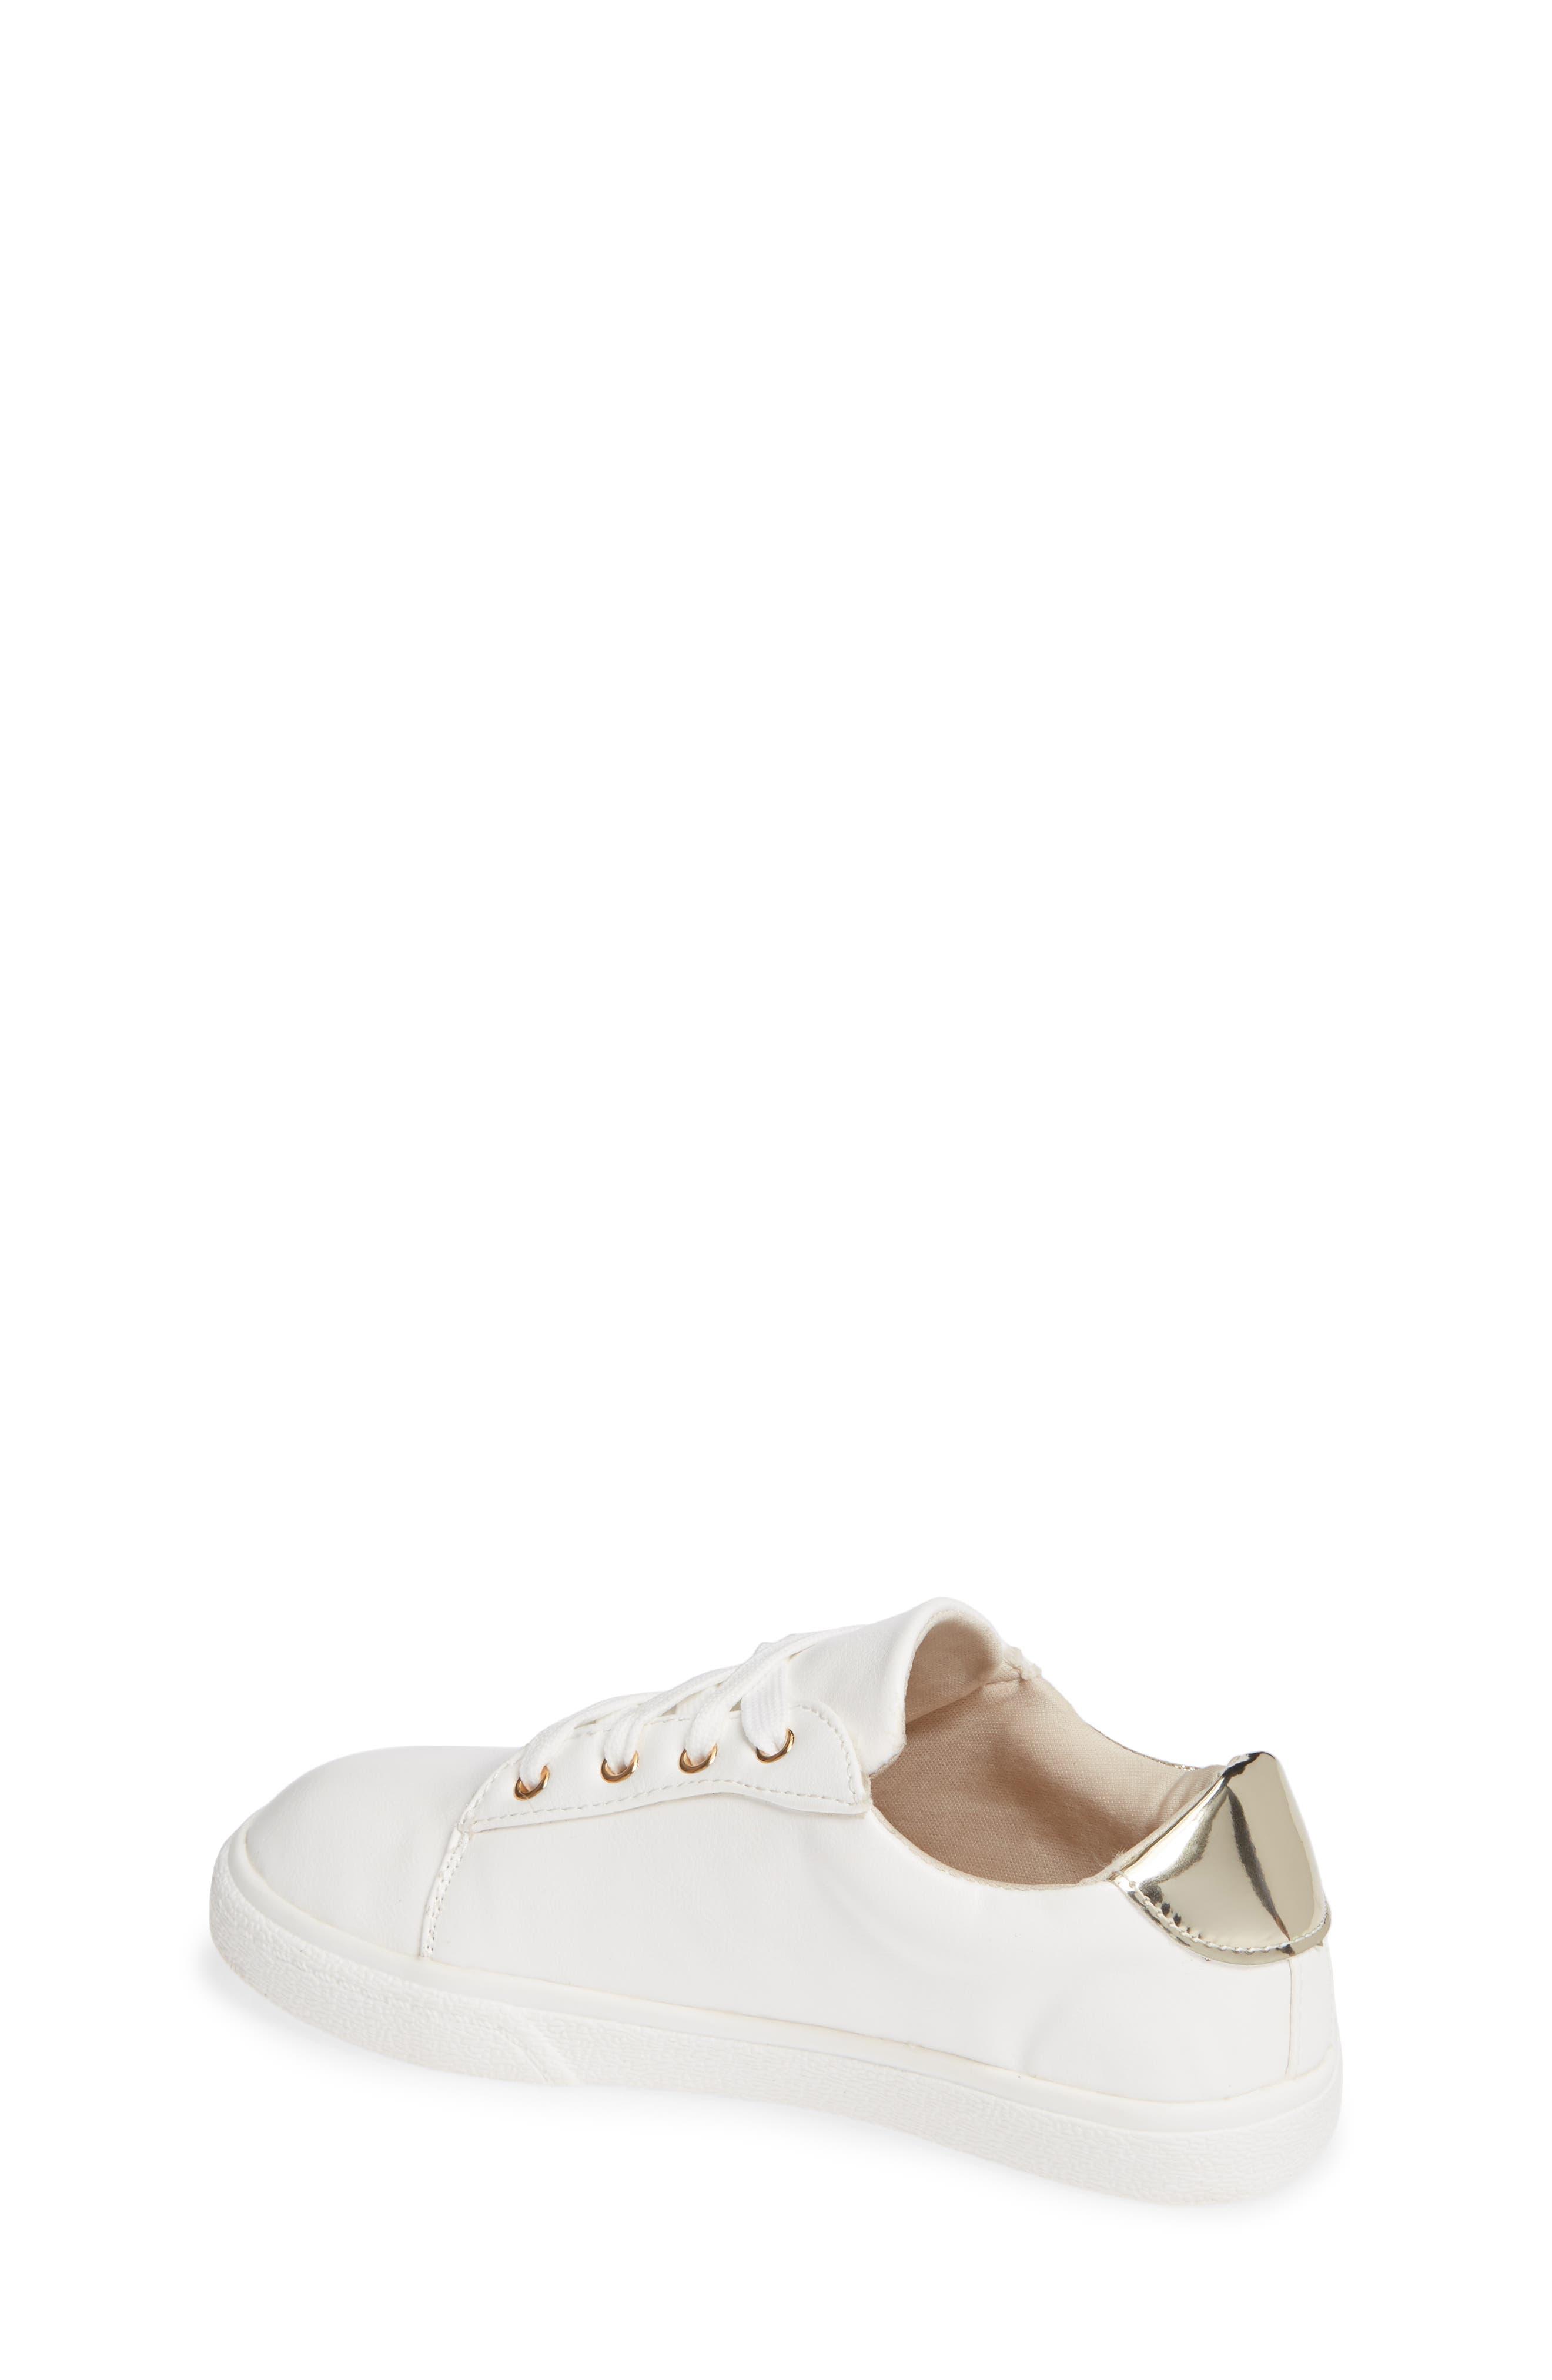 Miss Harper Appliqué Glitter Sneaker,                             Alternate thumbnail 2, color,                             WHITE W/ GOLD STAR